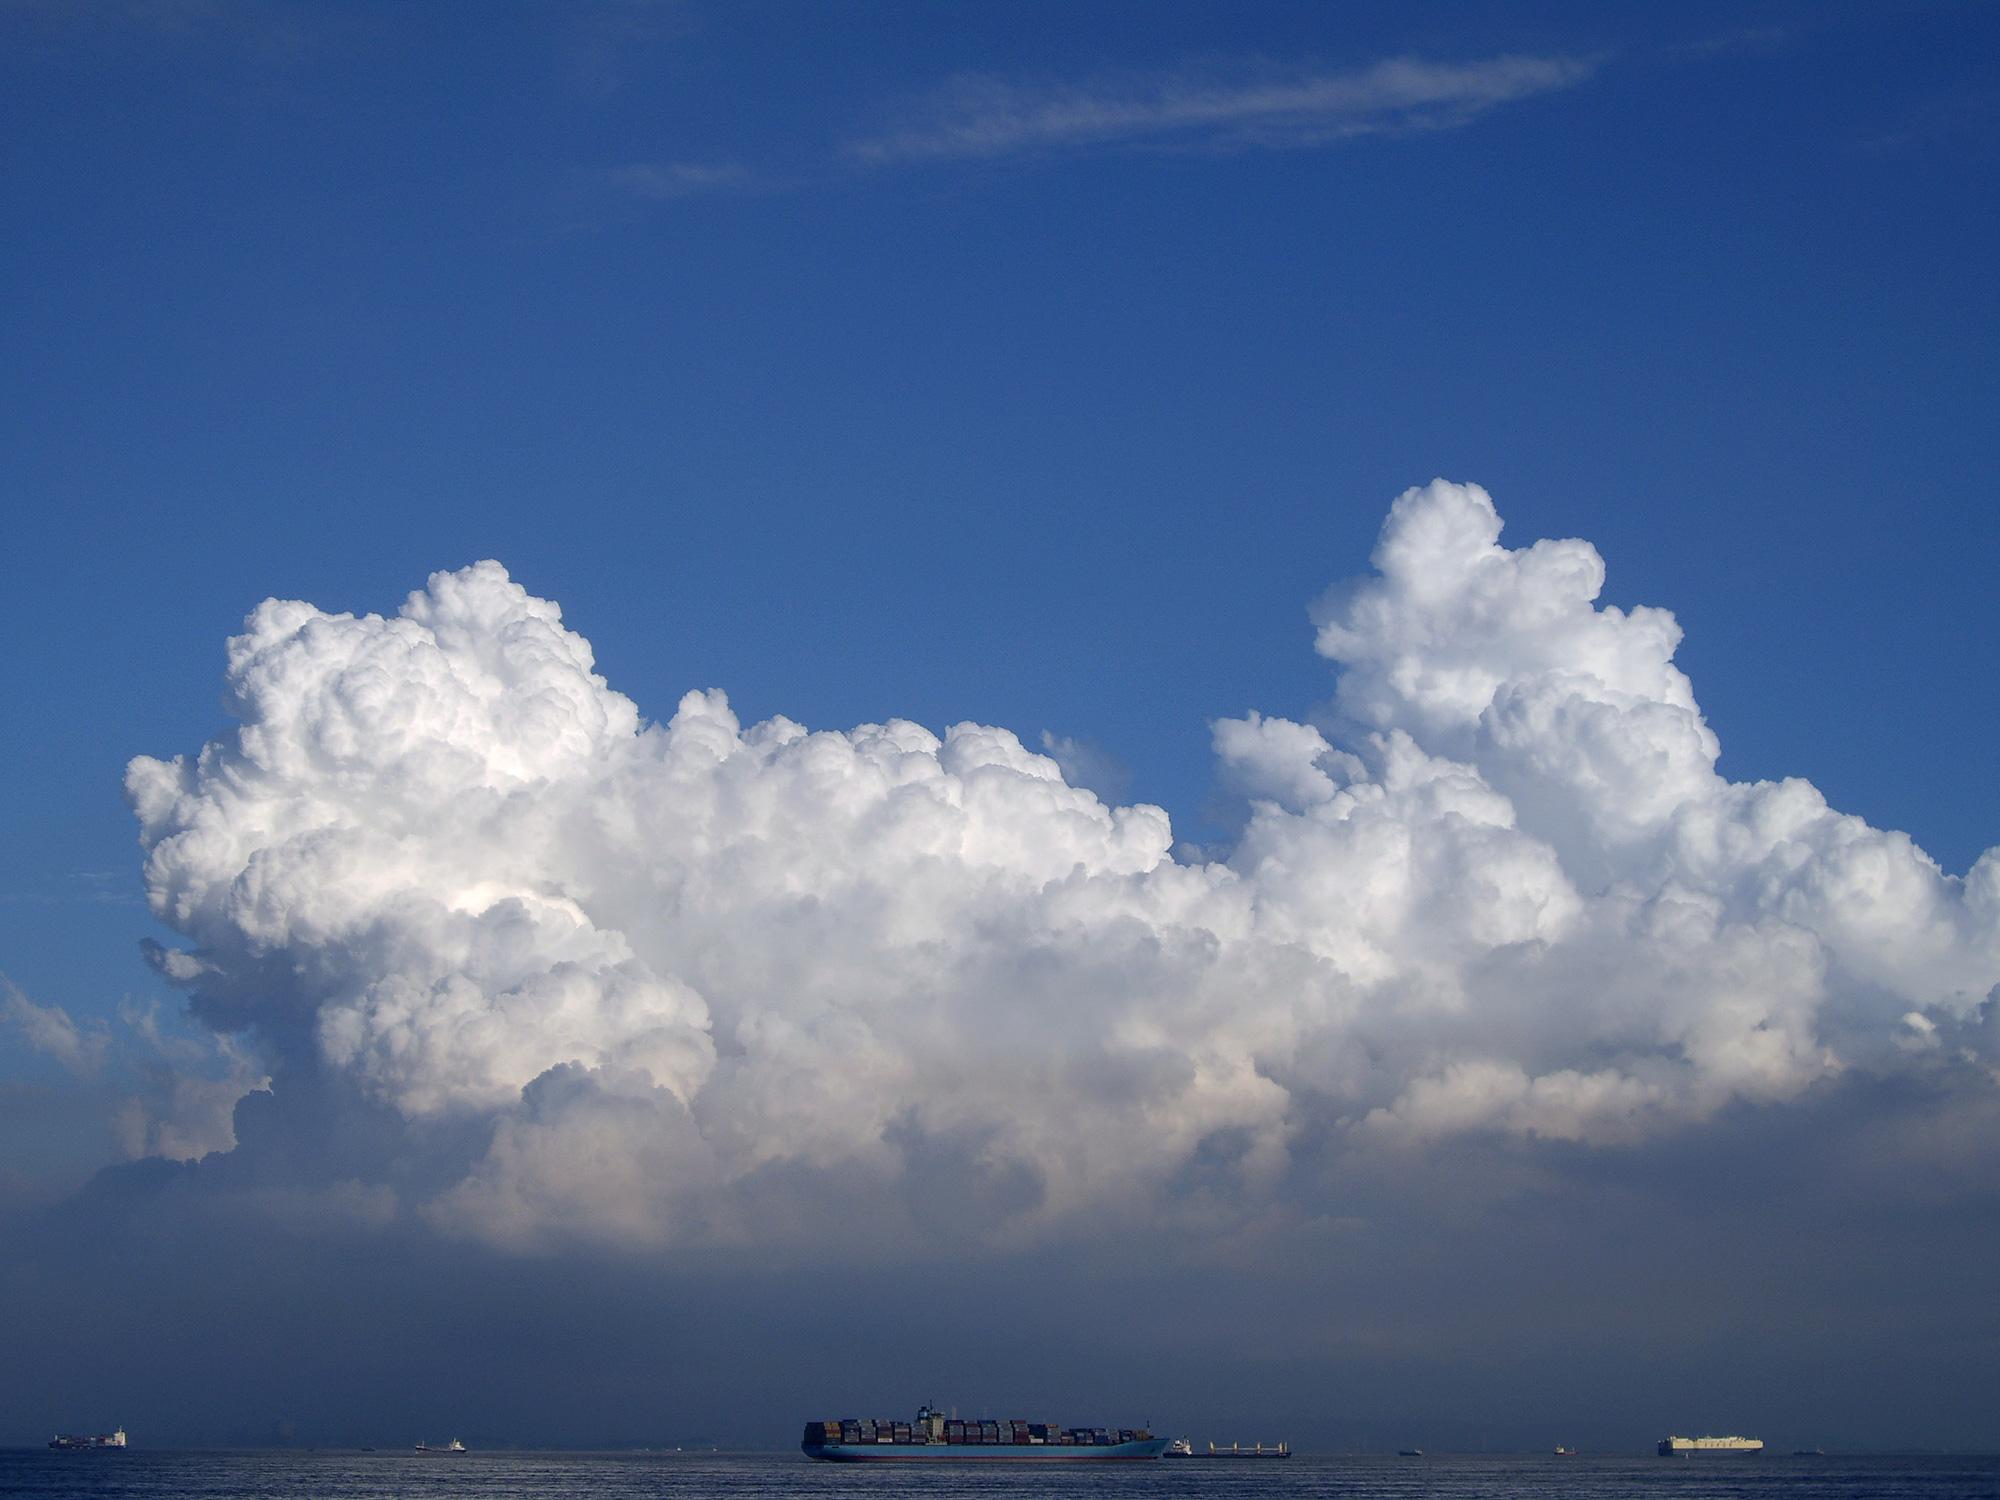 貨物船と大きな雲